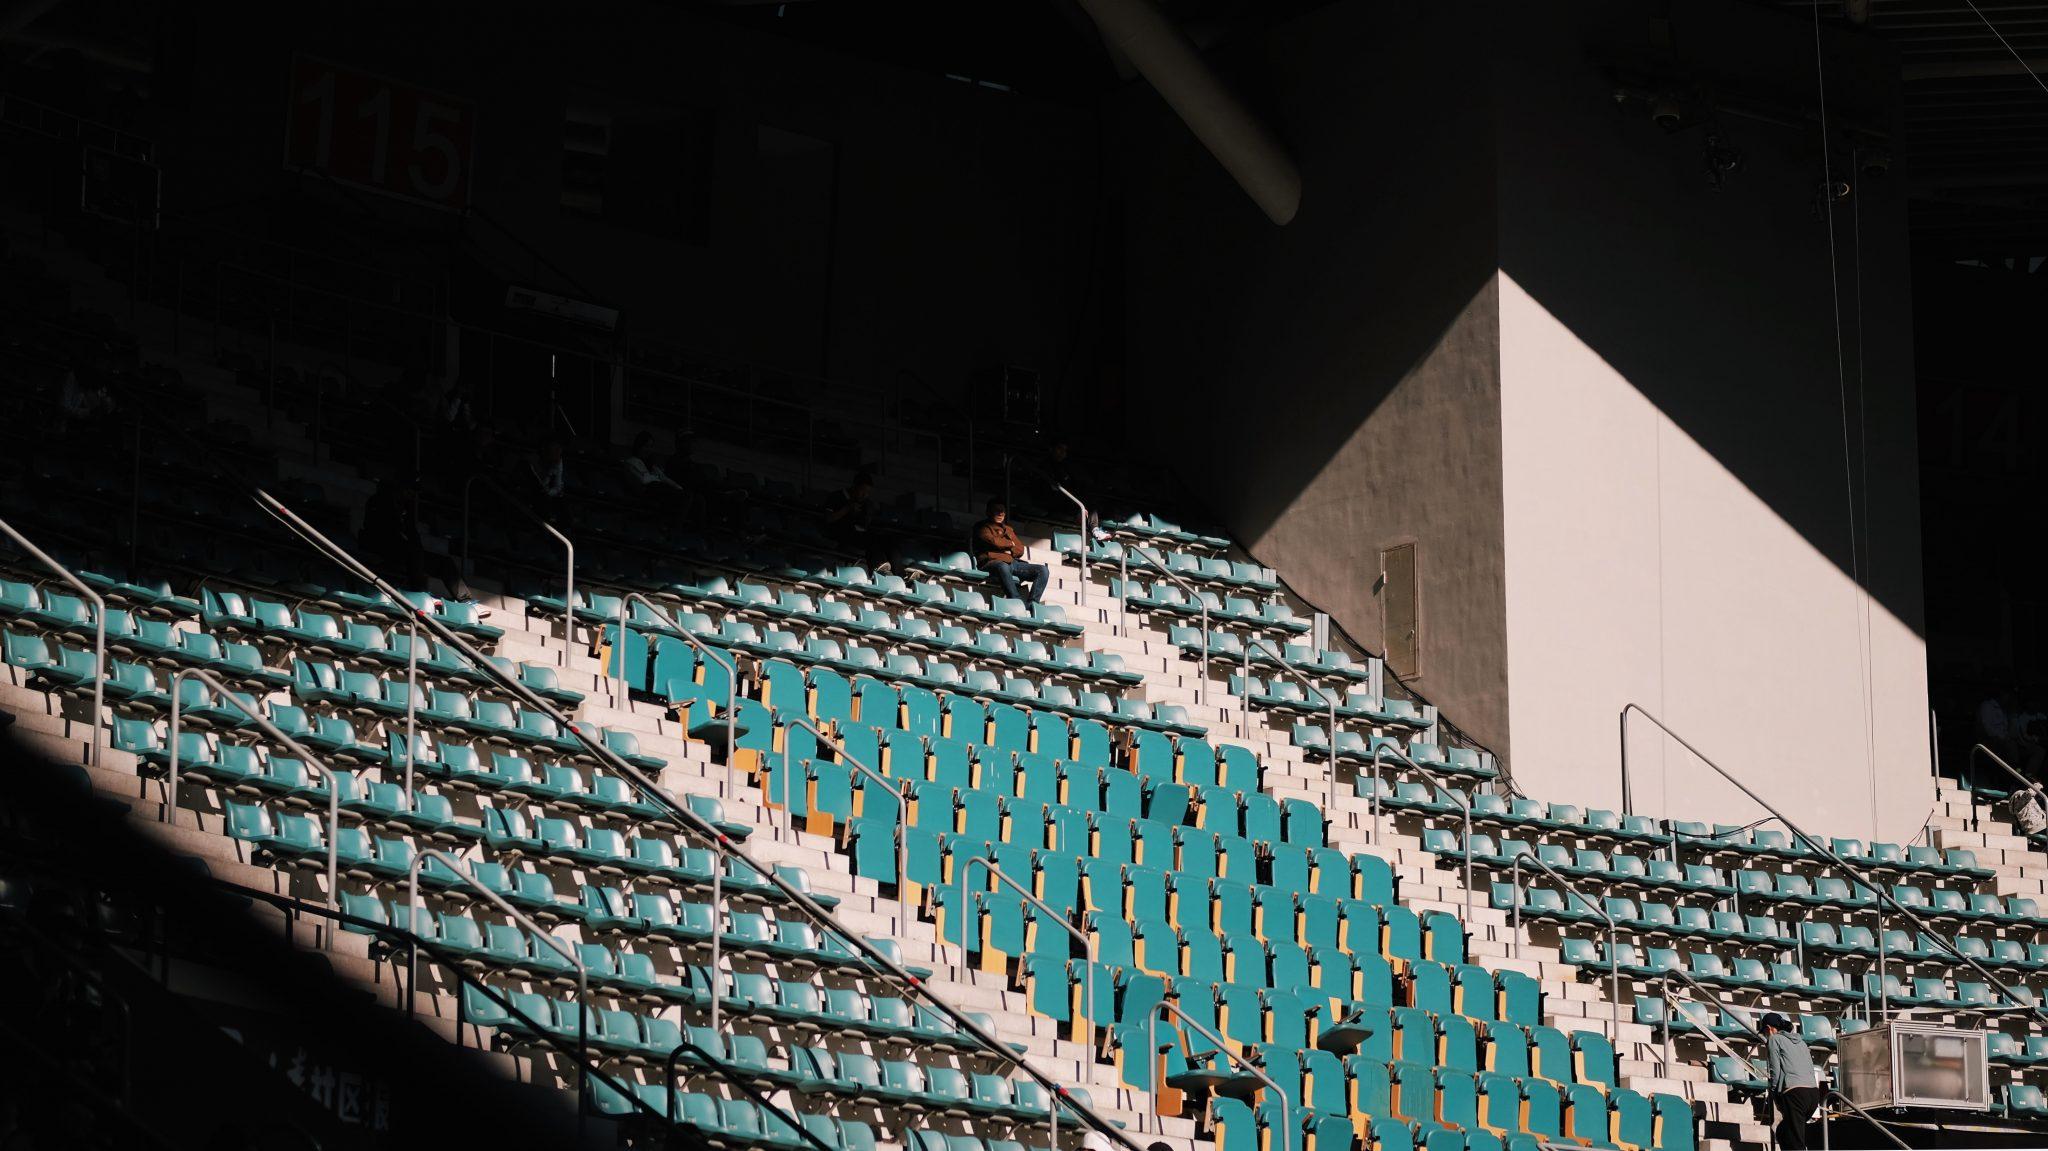 Lo stadio del Matera Calcio sguarnito di tifosi.